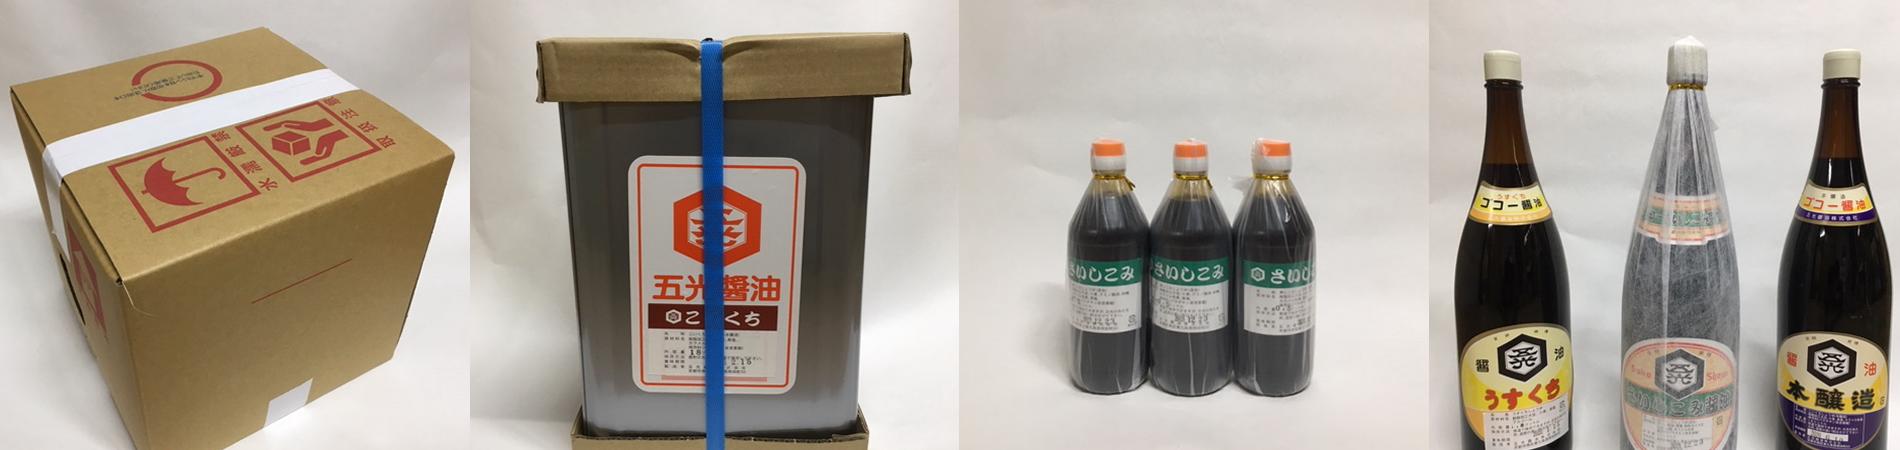 五光醤油株式会社